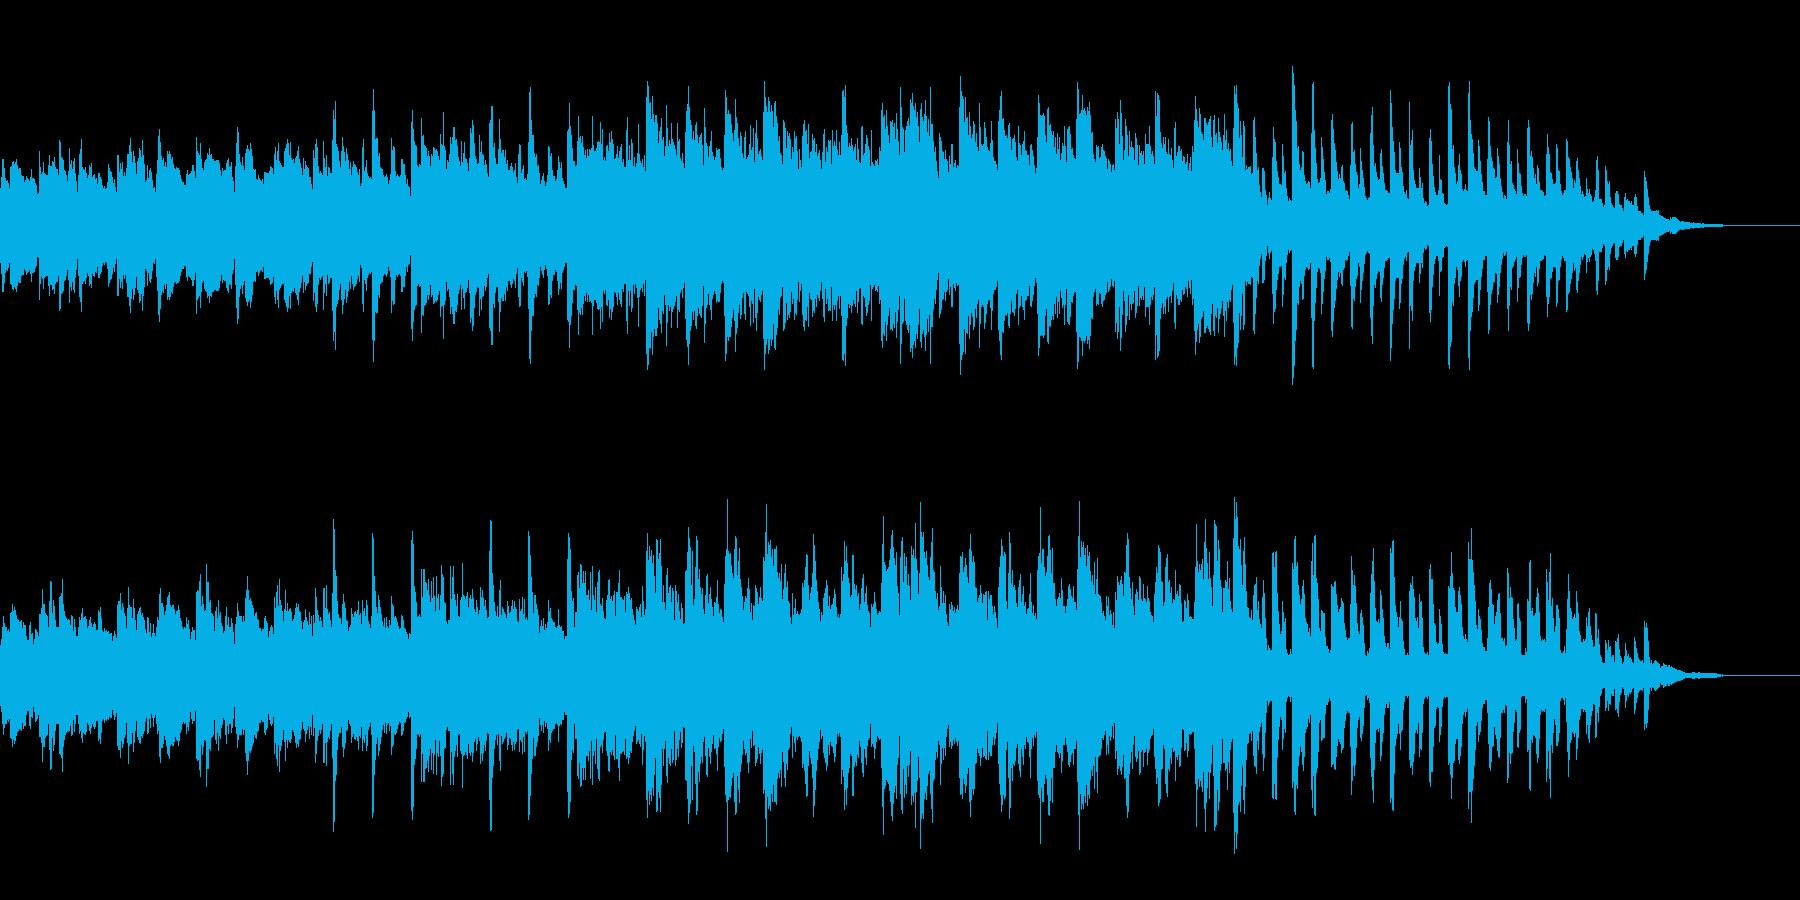 サイレントヒル風 悲しいピアノバラードの再生済みの波形